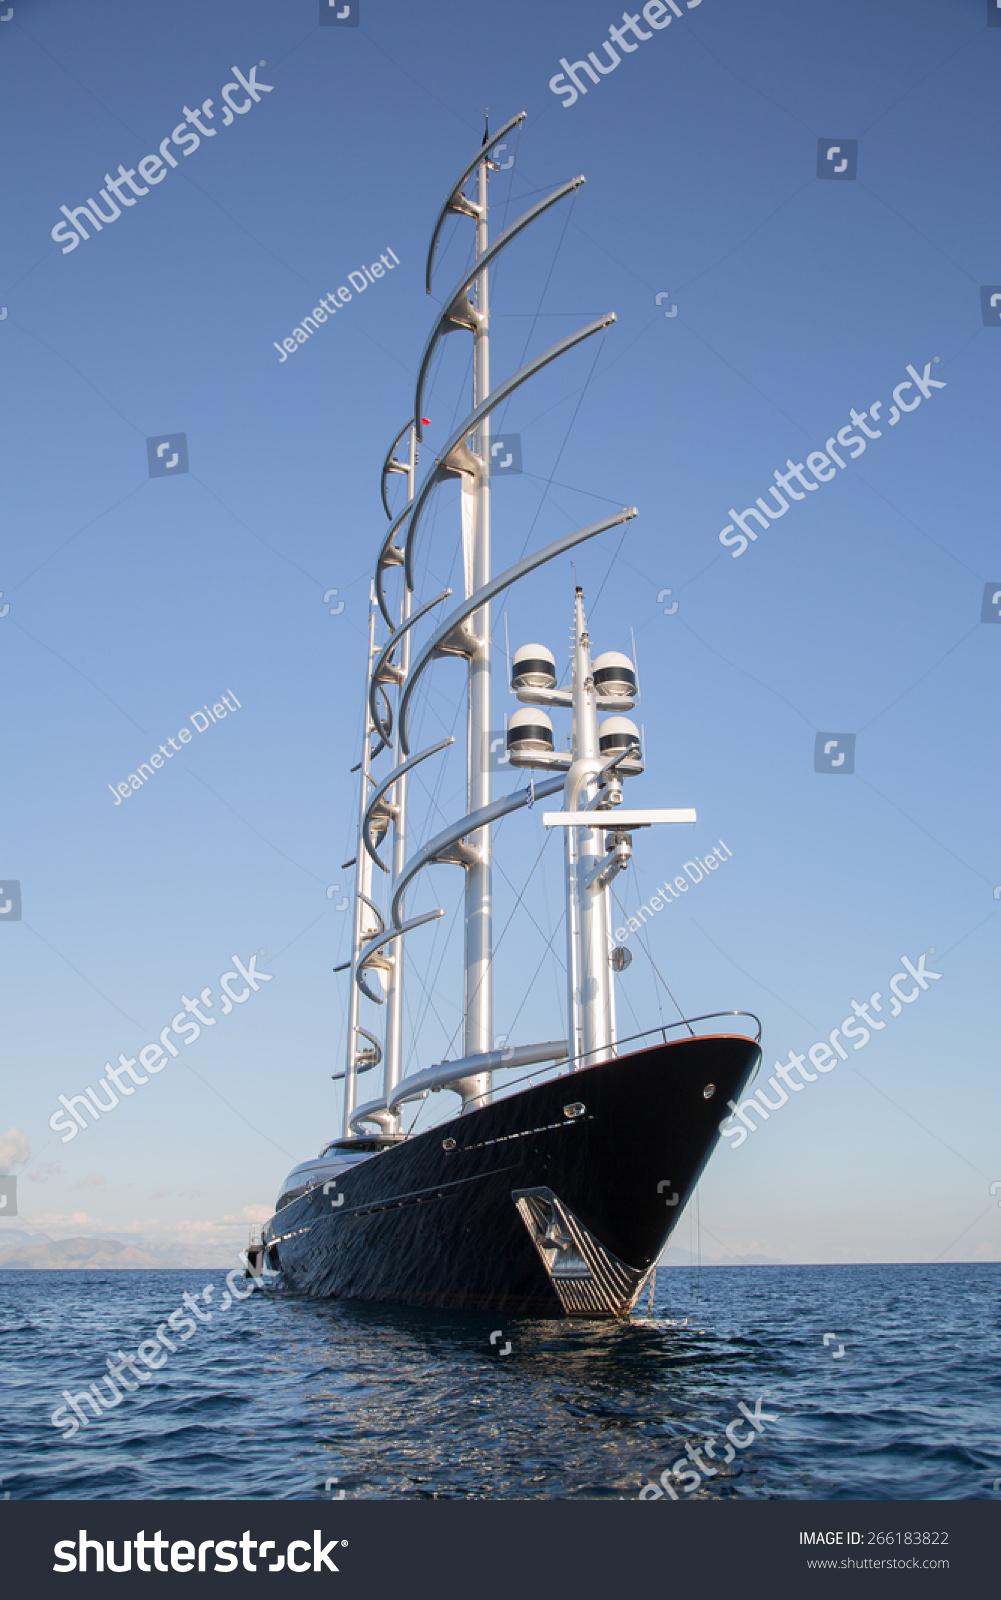 微信头像大海与船